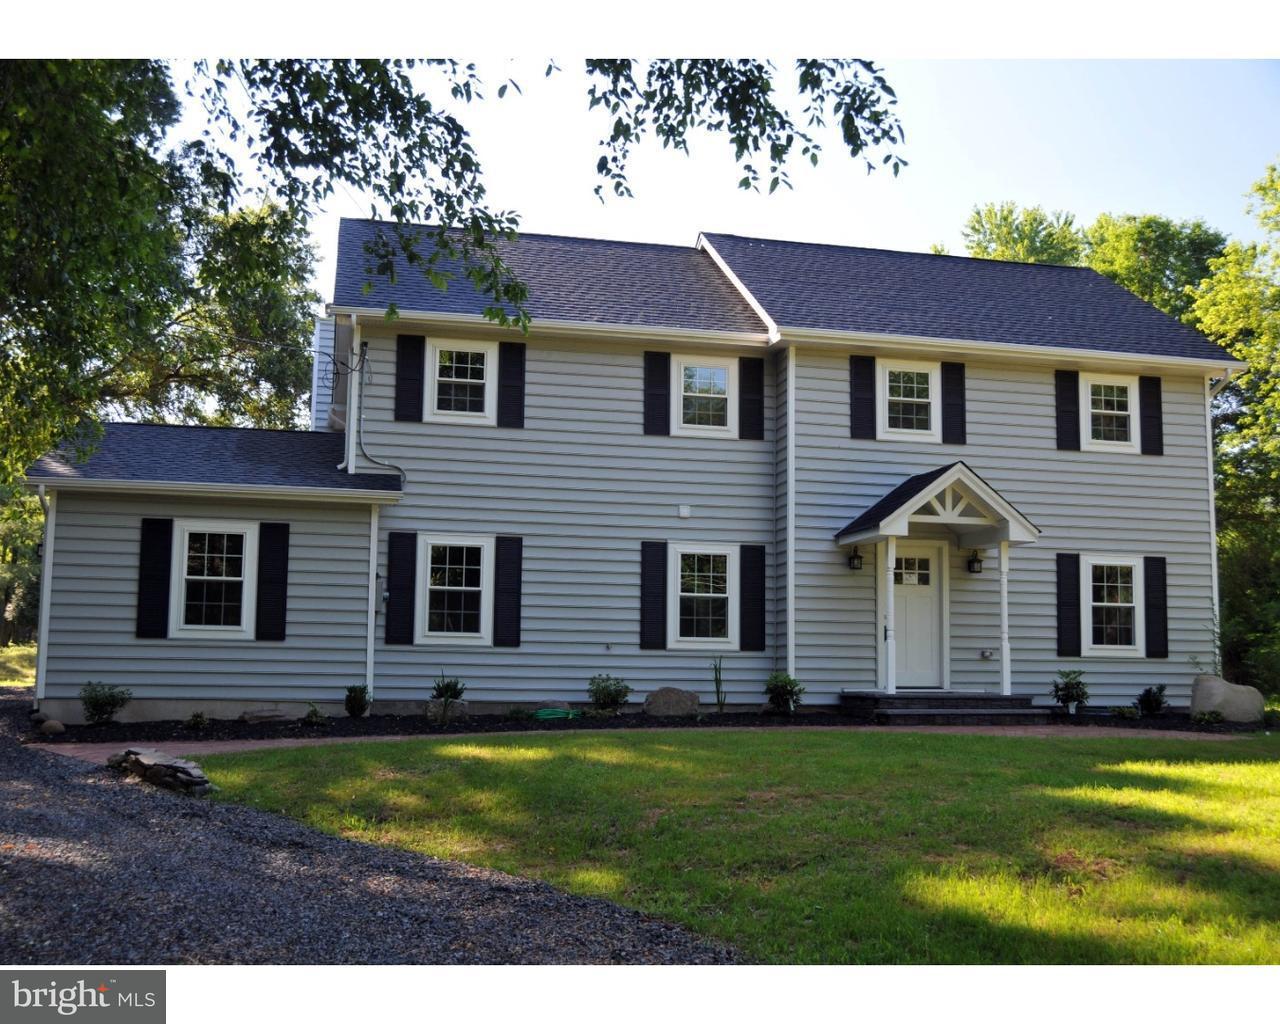 Casa Unifamiliar por un Venta en 1309 CANAL Road Princeton, Nueva Jersey 08540 Estados UnidosEn/Alrededor: Franklin Township